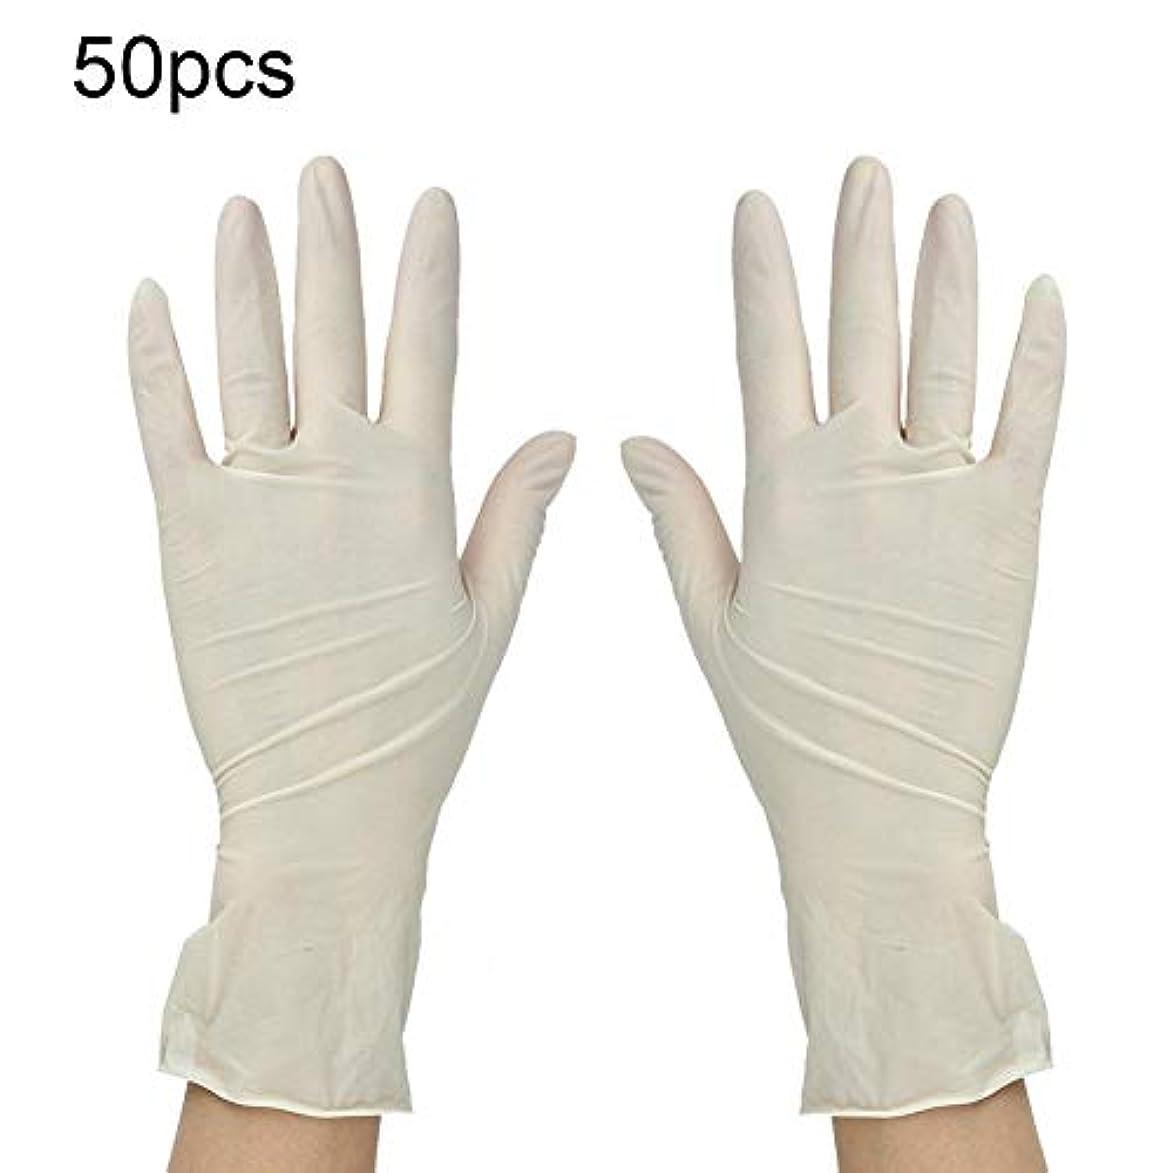 オペレーターロンドンできない50ペア/パック使い捨て手袋 エクストラストロングラテックスグローブ 美容院医療歯科 サービスクリーニング手袋(S)